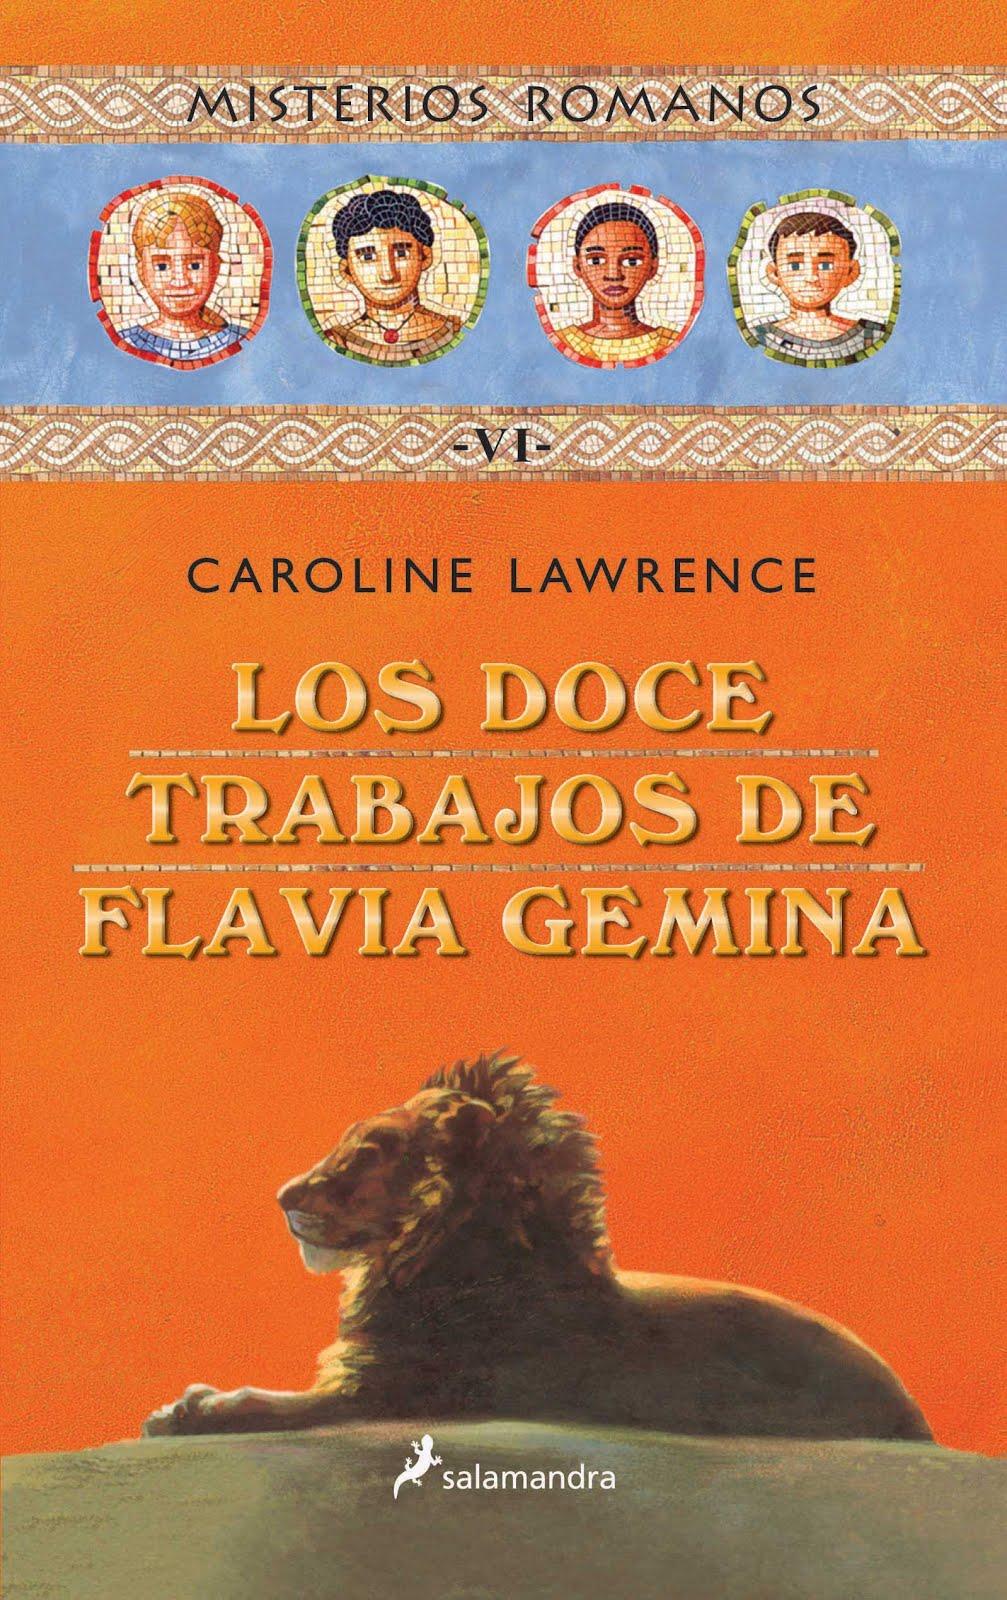 LOS DOCE TRABAJOS DE FLAVIA GEMINA